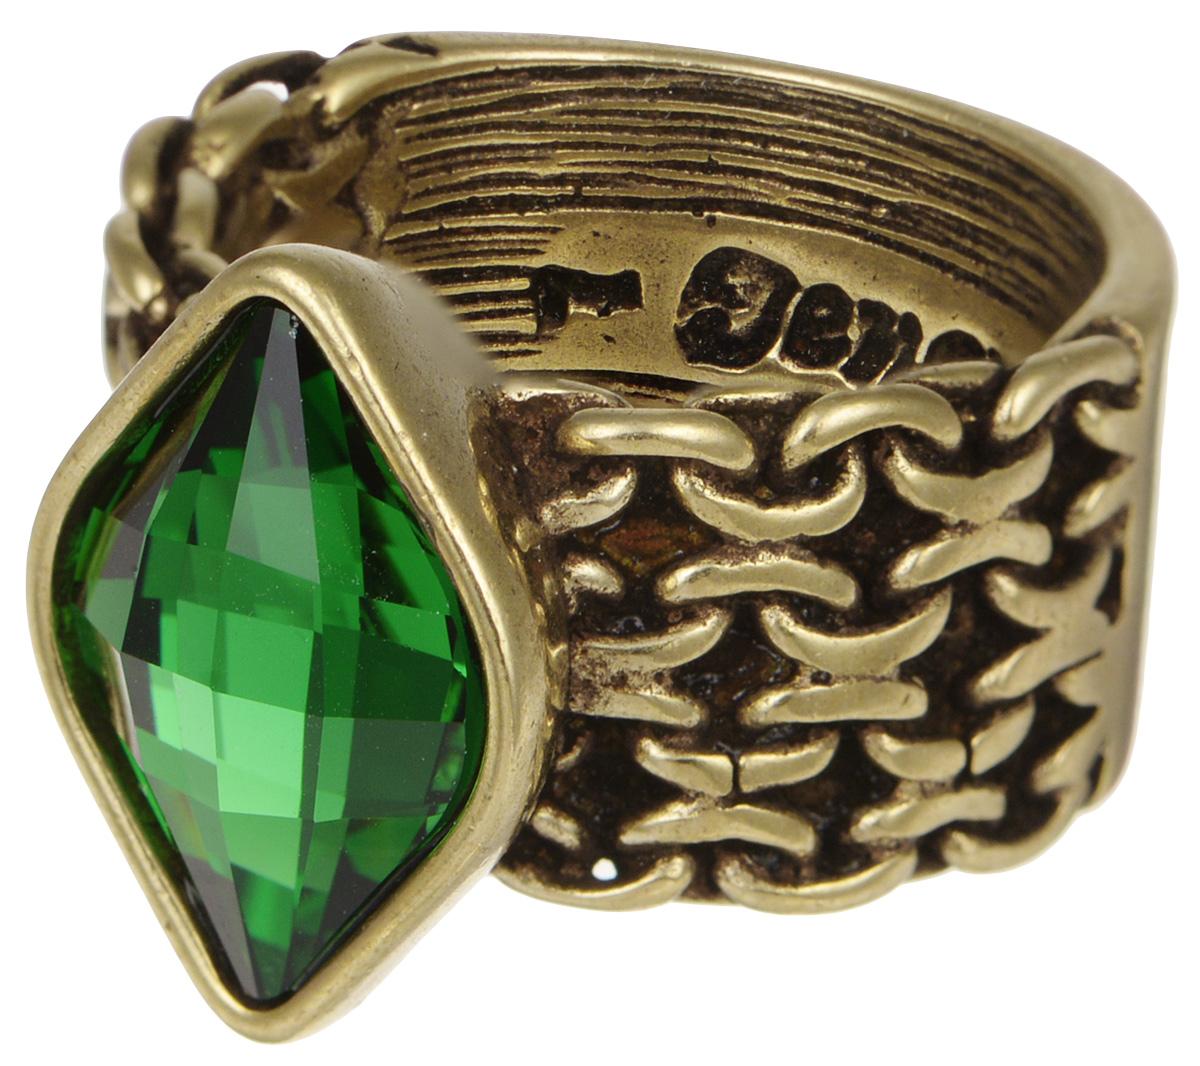 Кольцо Jenavi Relax. Истирахат, цвет: бронзовый, зеленый. r972w032. Размер 20Коктейльное кольцоИзысканное кольцо JenaviRelax. Истирахат изготовлено из качественного металла с бронзовым покрытием. Изделие выполнено в оригинальном дизайне и дополнено тисненой надписью с названием бренда на внутренней стороне. Декоративная часть оформлена кристаллом Swarovski. Такое стильное кольцо идеально дополнит ваш образ и подчеркнет вашу индивидуальность.